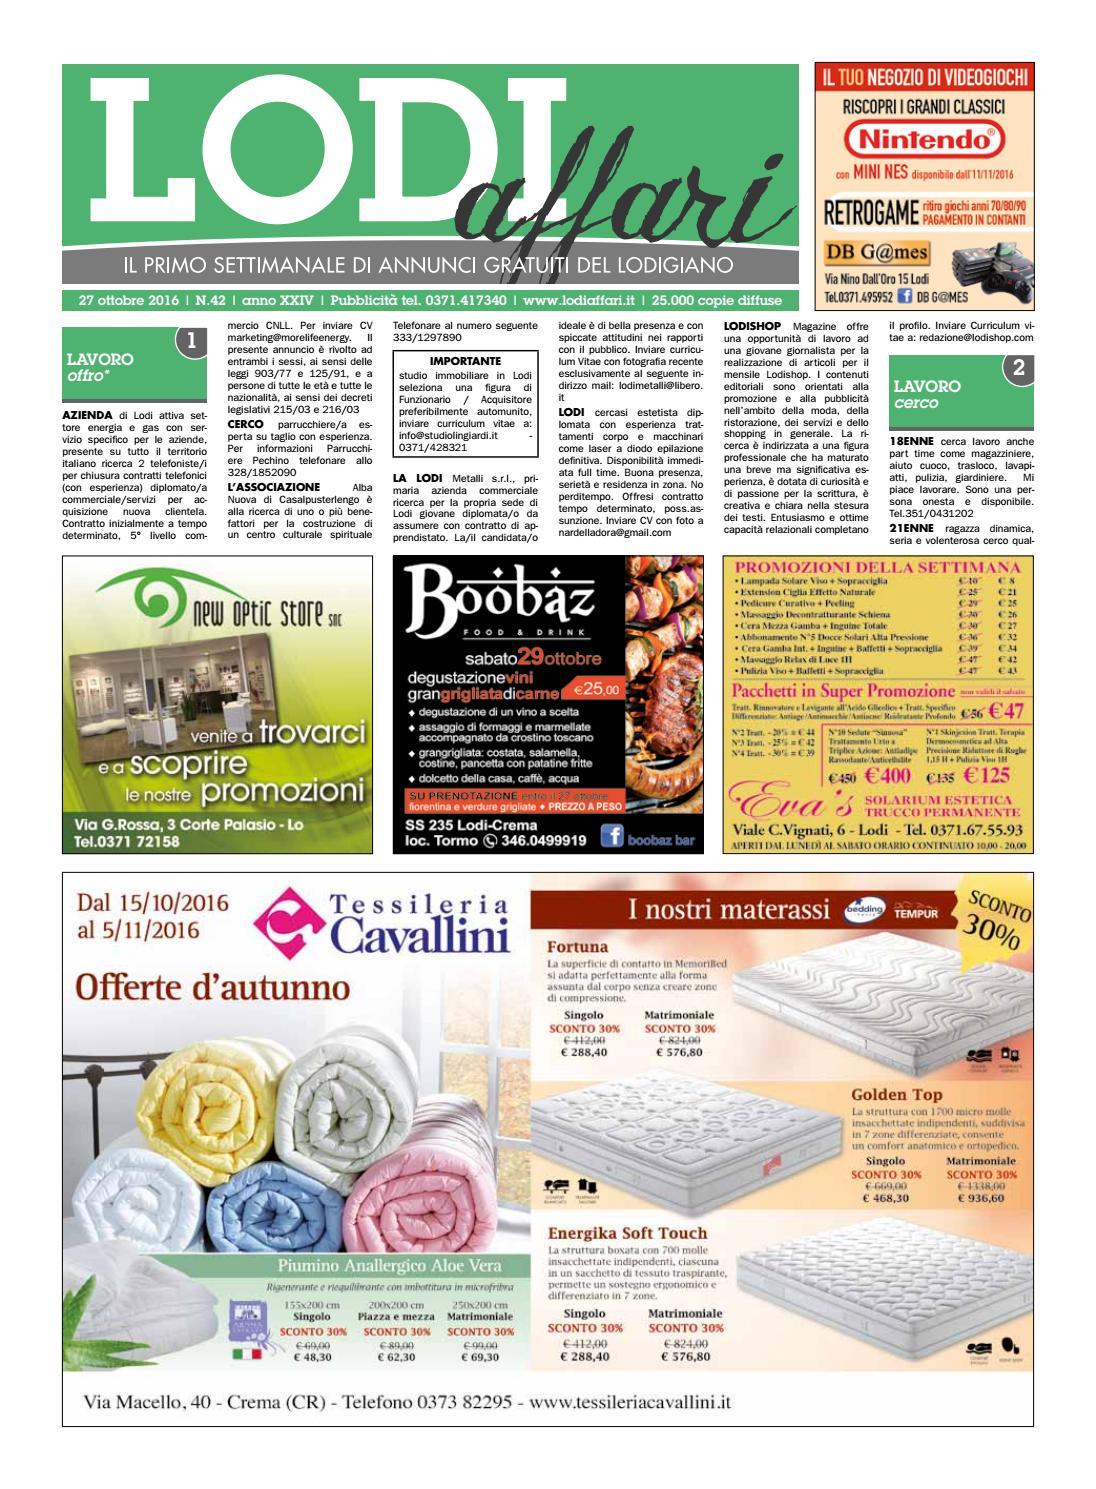 Confezione da 50 carta da lettere 120 g//mq colore: grigio formato A4 297 x 210 mm Blake Premium Business